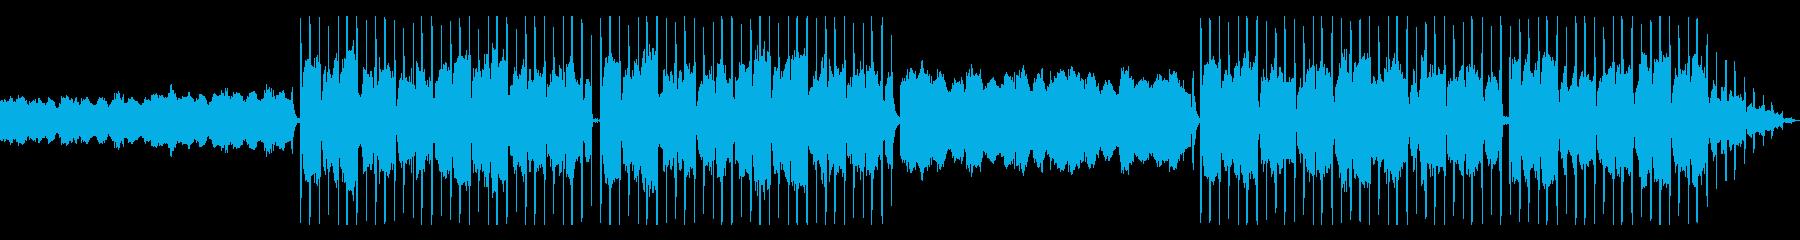 Lofi Hiphop/エモい系/スト系の再生済みの波形